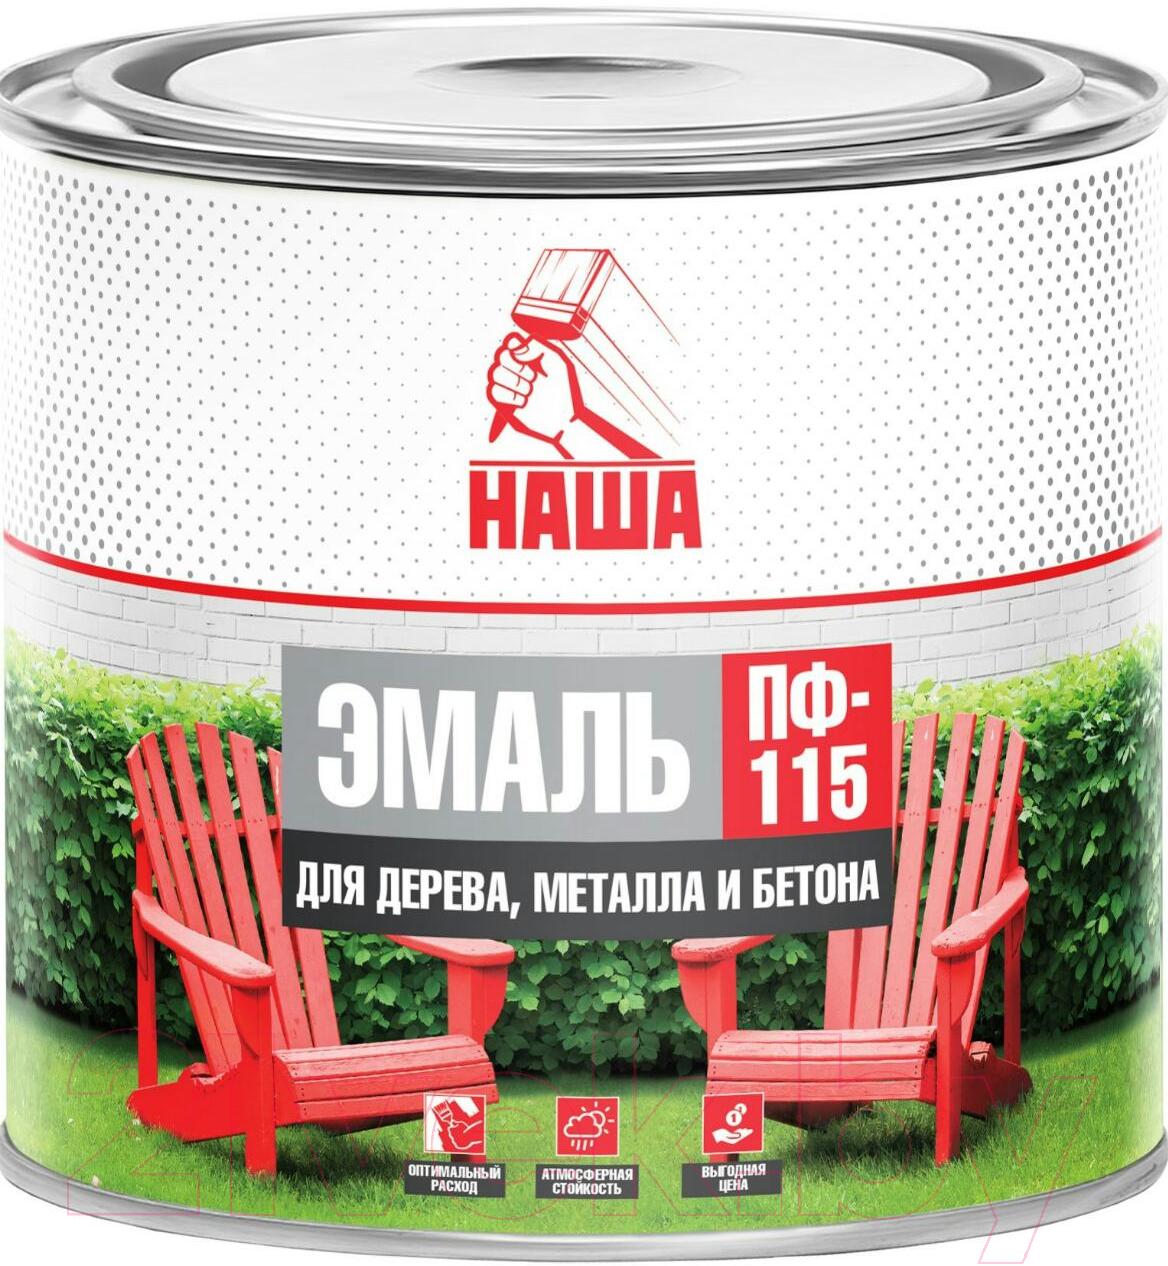 Купить Эмаль Кубанские краски, Наша ПФ-115 (1.8кг, белый), Россия